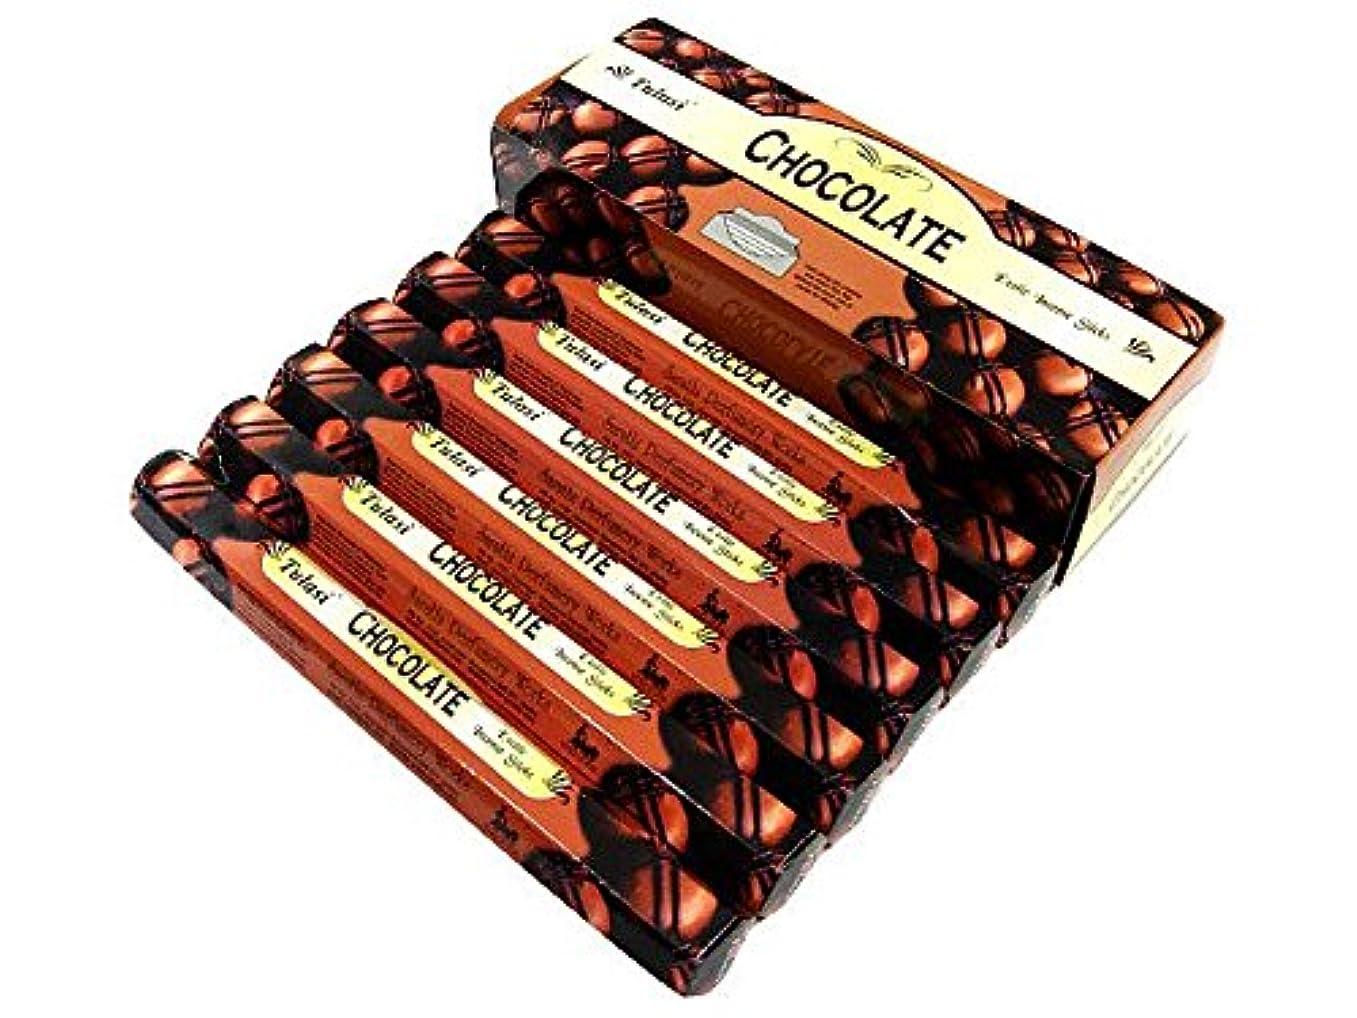 クラックポット曲げる促すTULASI(トゥラシ) チョコレート香 スティック CHOCOLATE 6箱セット